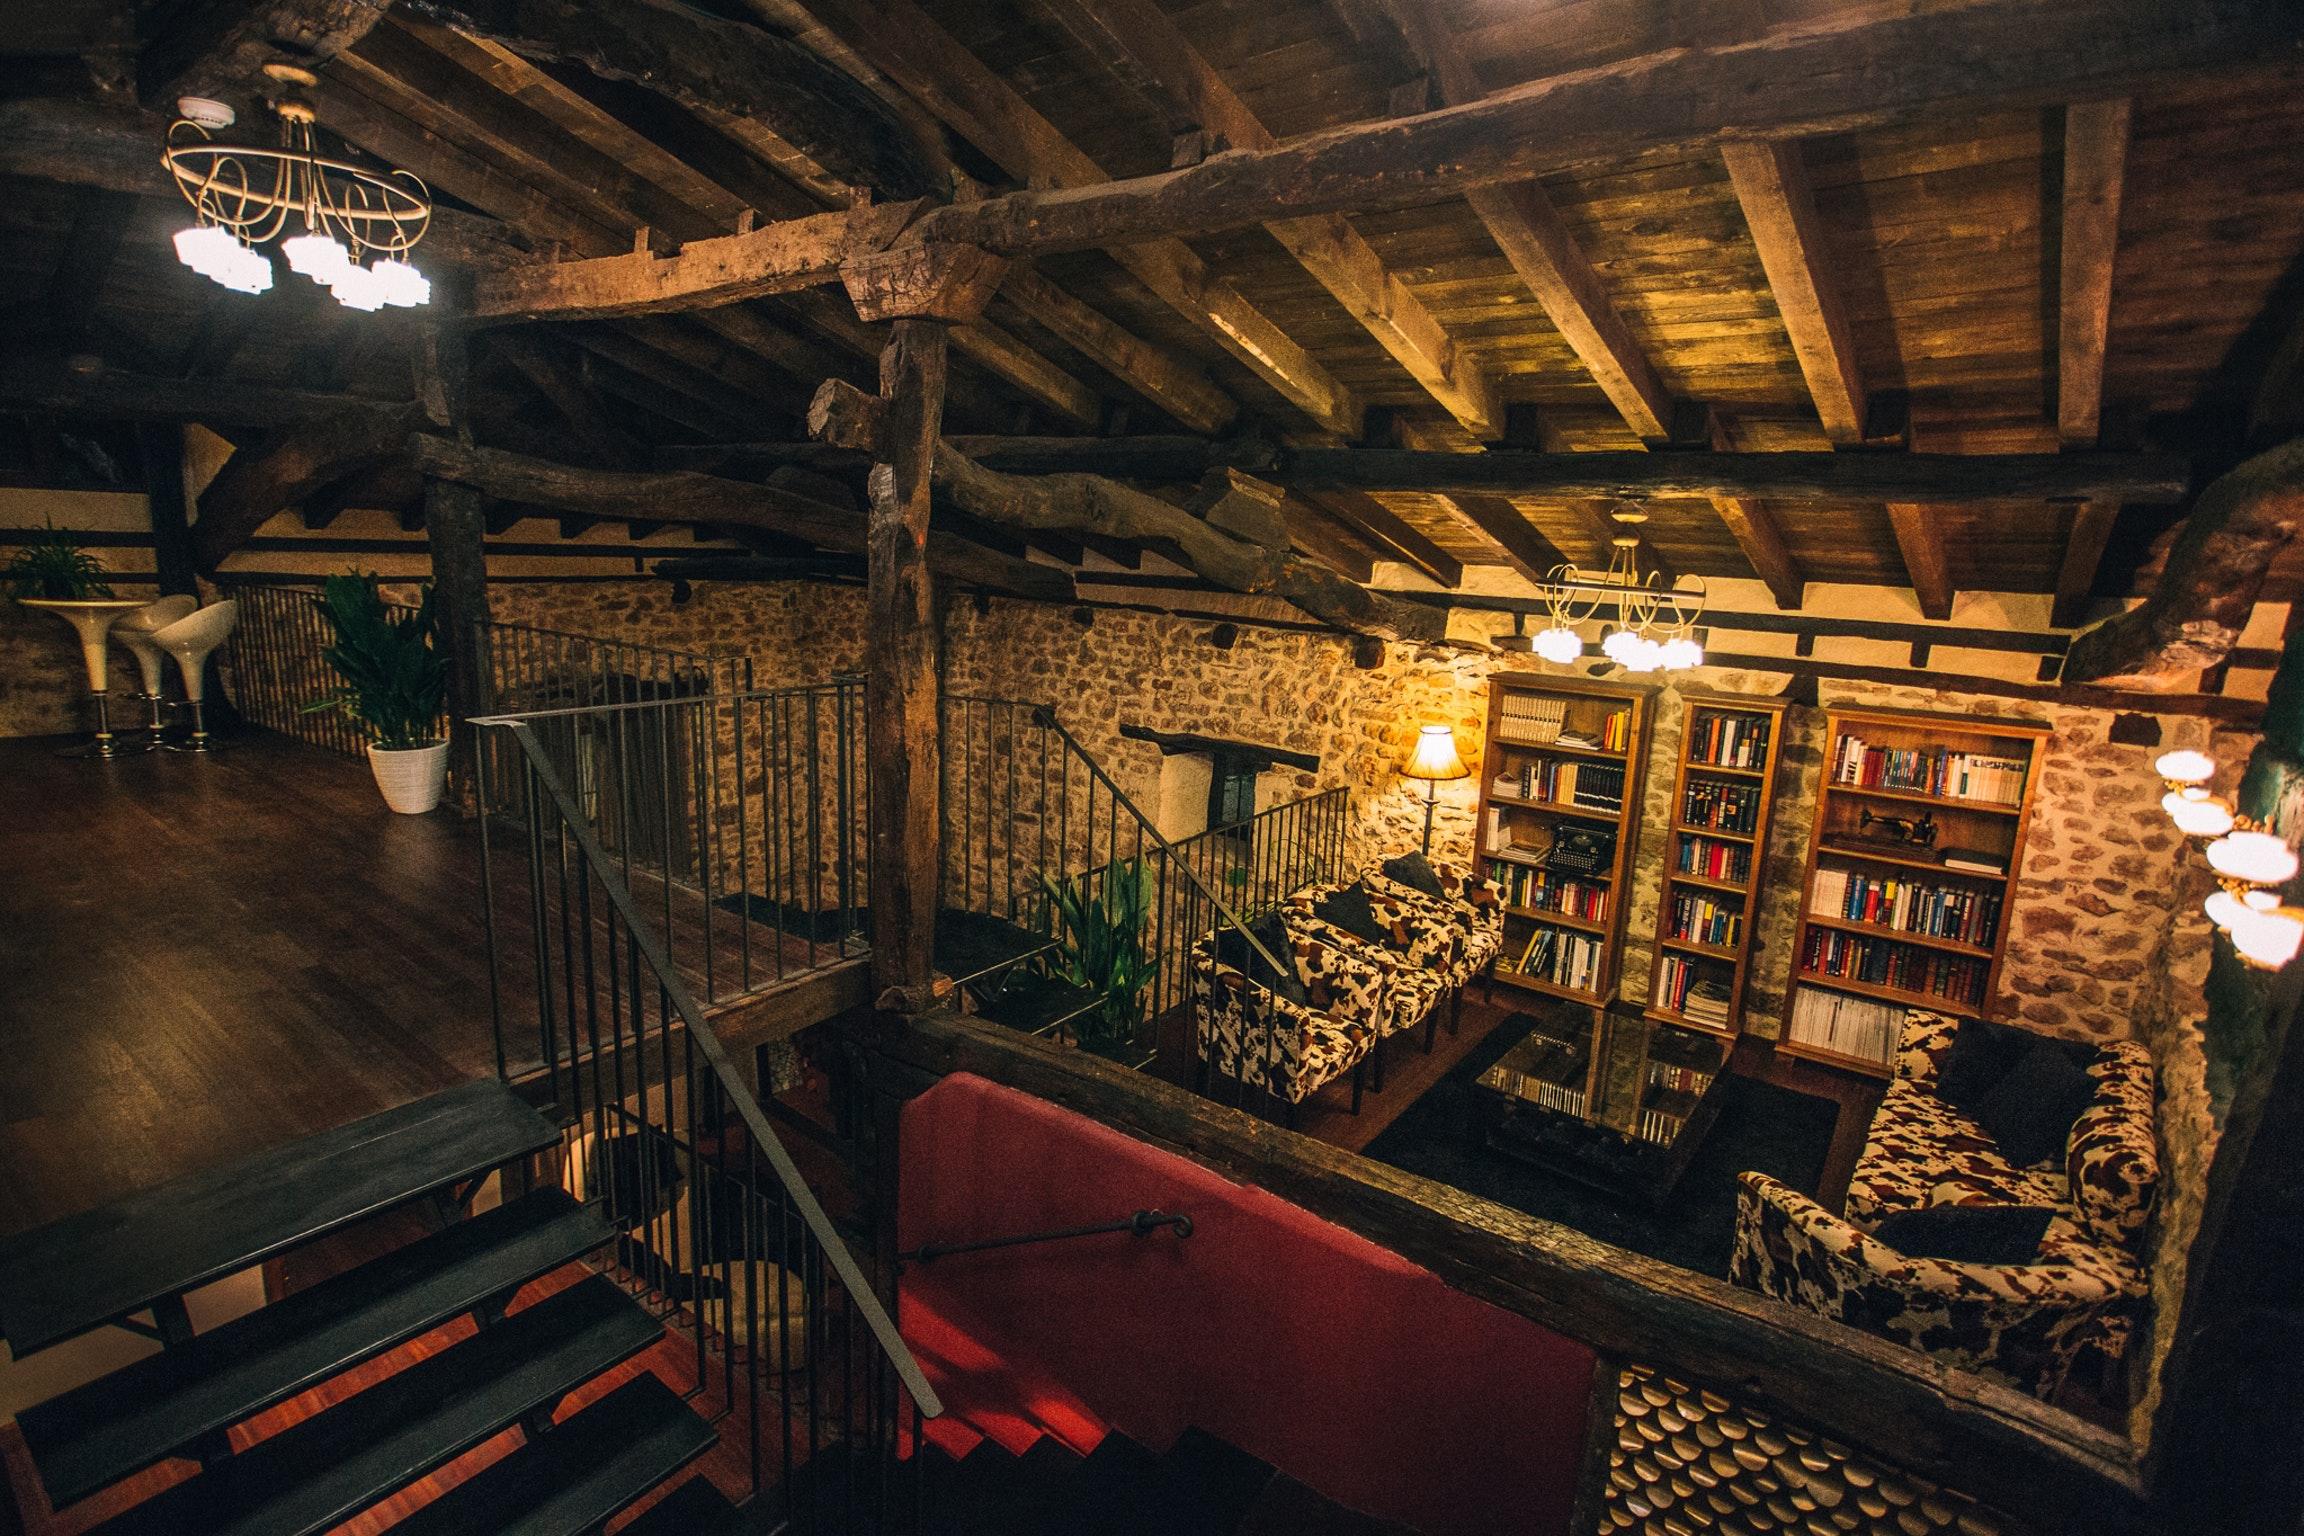 Ferienhaus Haus mit 5 Zimmern in Fuenteodra mit toller Aussicht auf die Berge, eingezäuntem Garten un (2211142), Fuenteodra, Burgos, Kastilien-León, Spanien, Bild 48